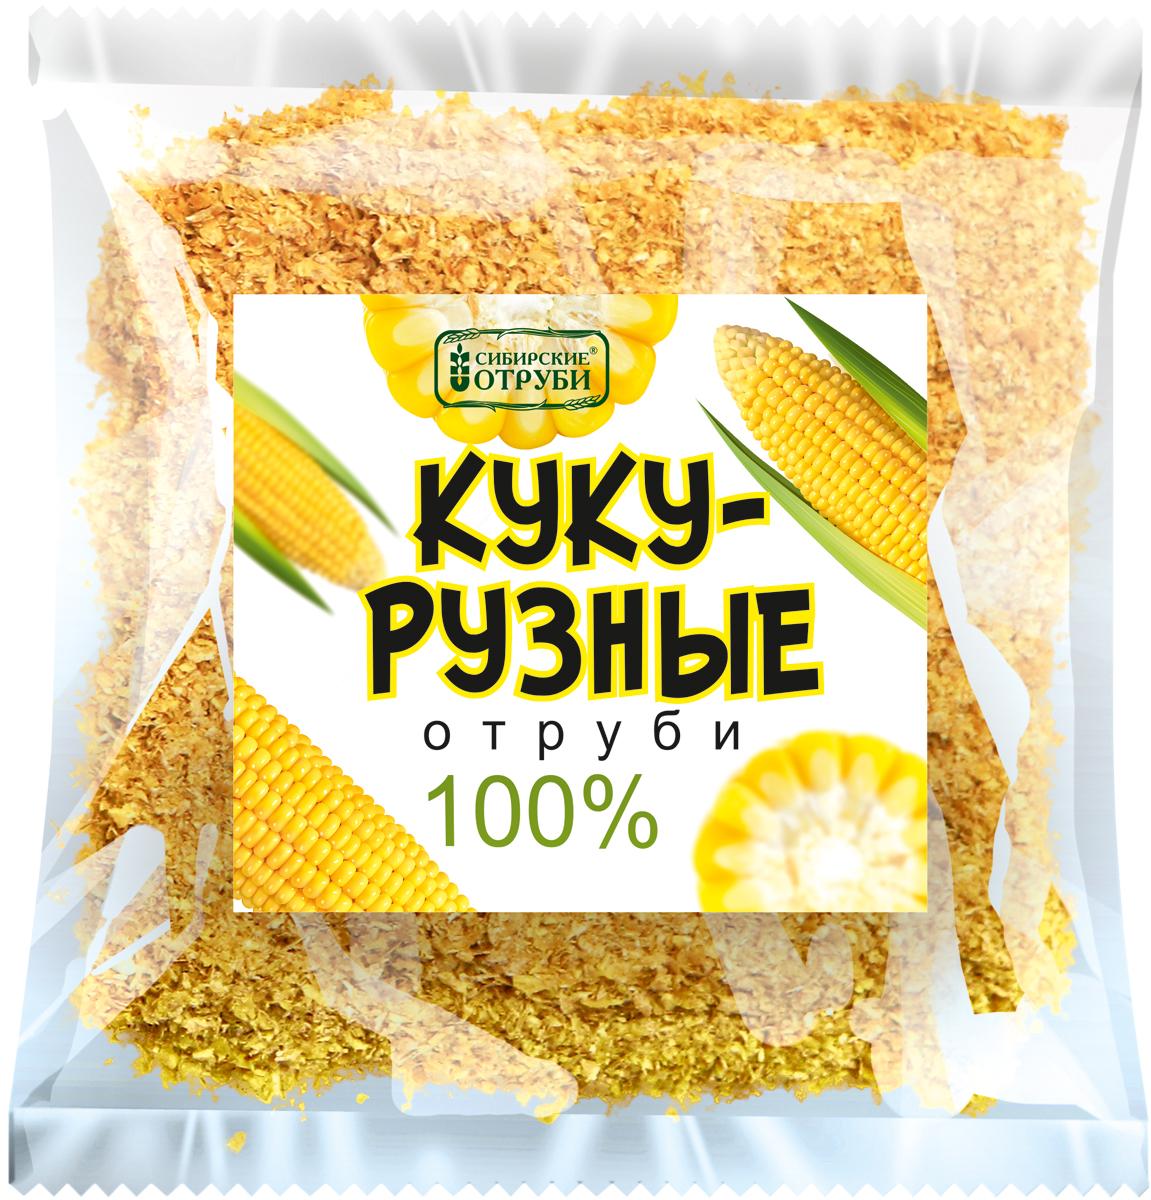 Сибирские отруби Кукурузные натуральные 100%, 180 г